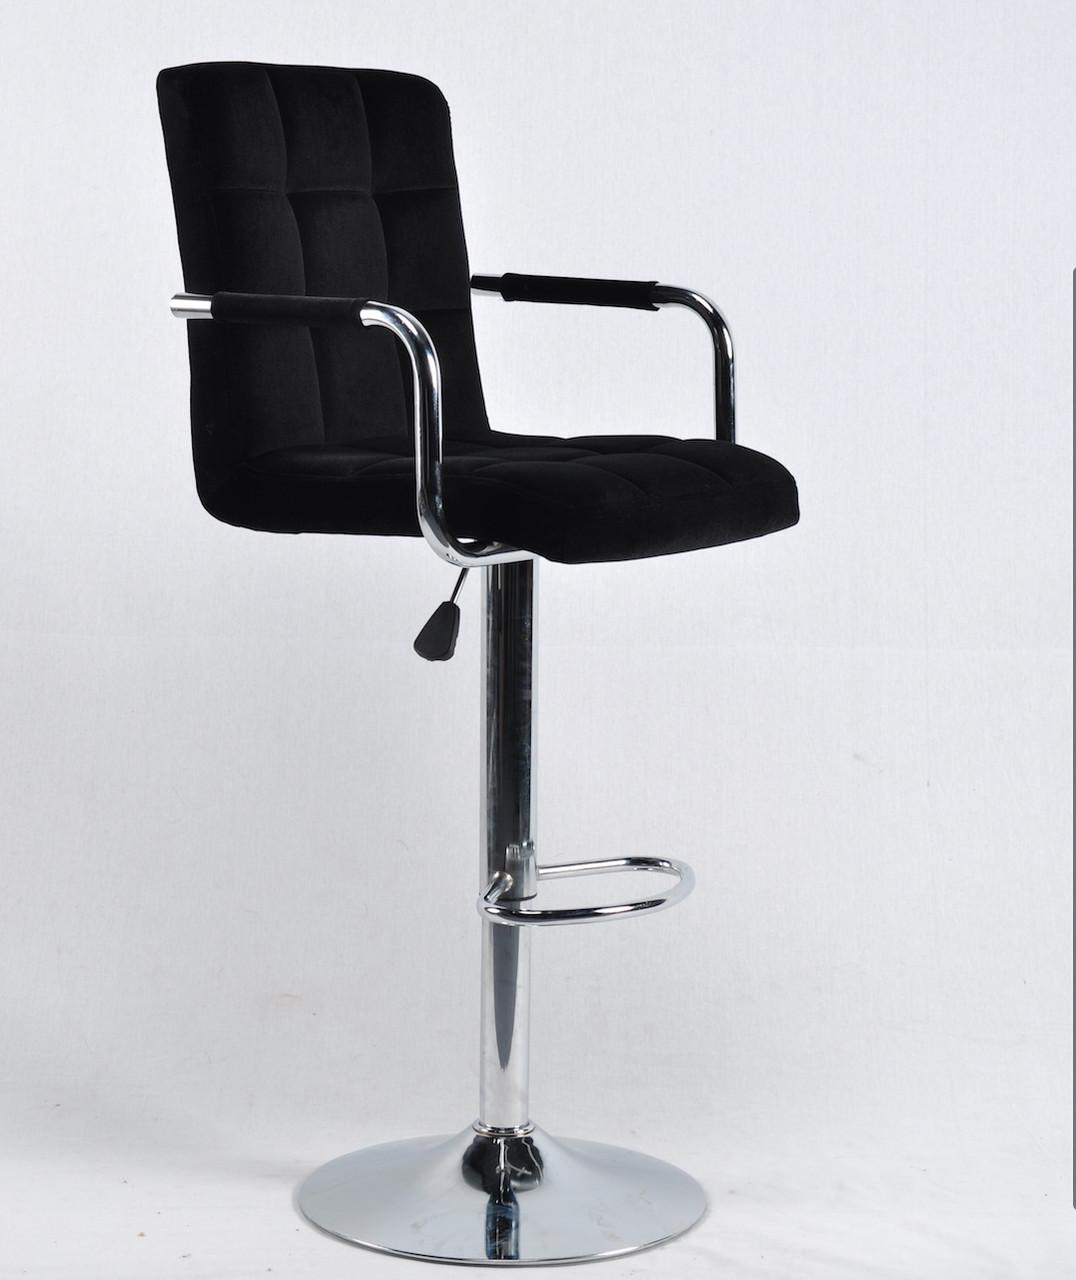 Барный стул Августо AUGUSTO - ARM черный бархат + хром, с подлокотниками